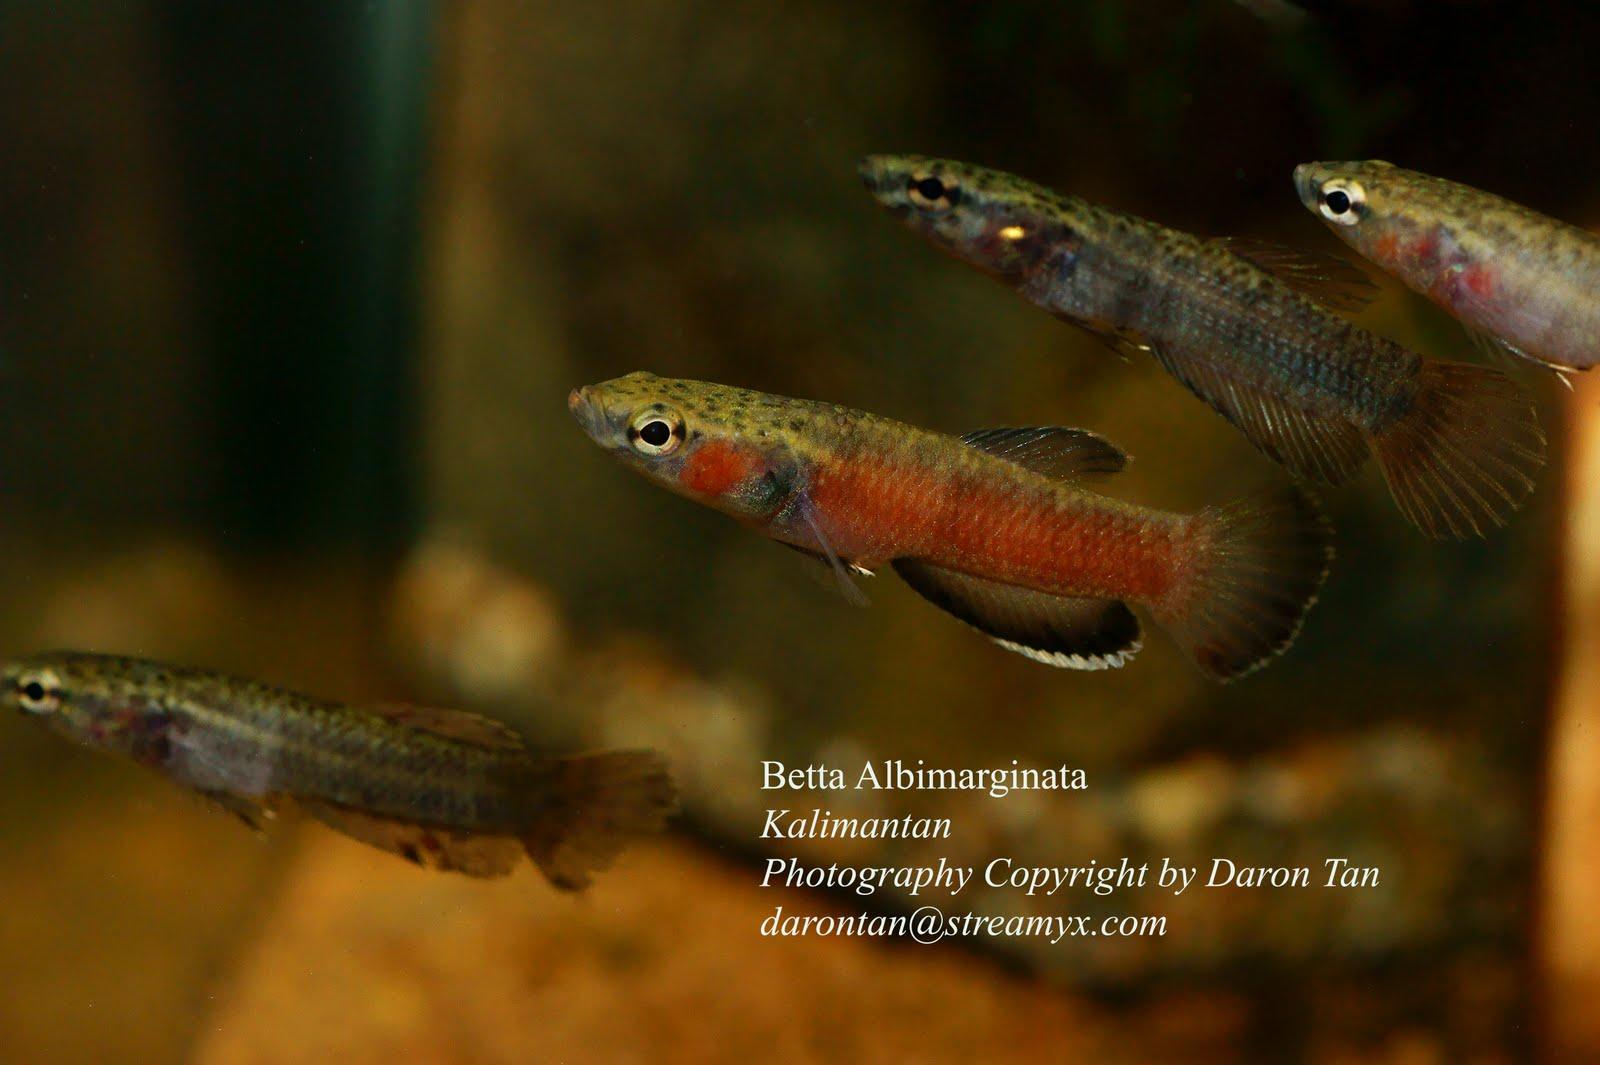 Borneo echo streams november 2009 for Wild betta fish